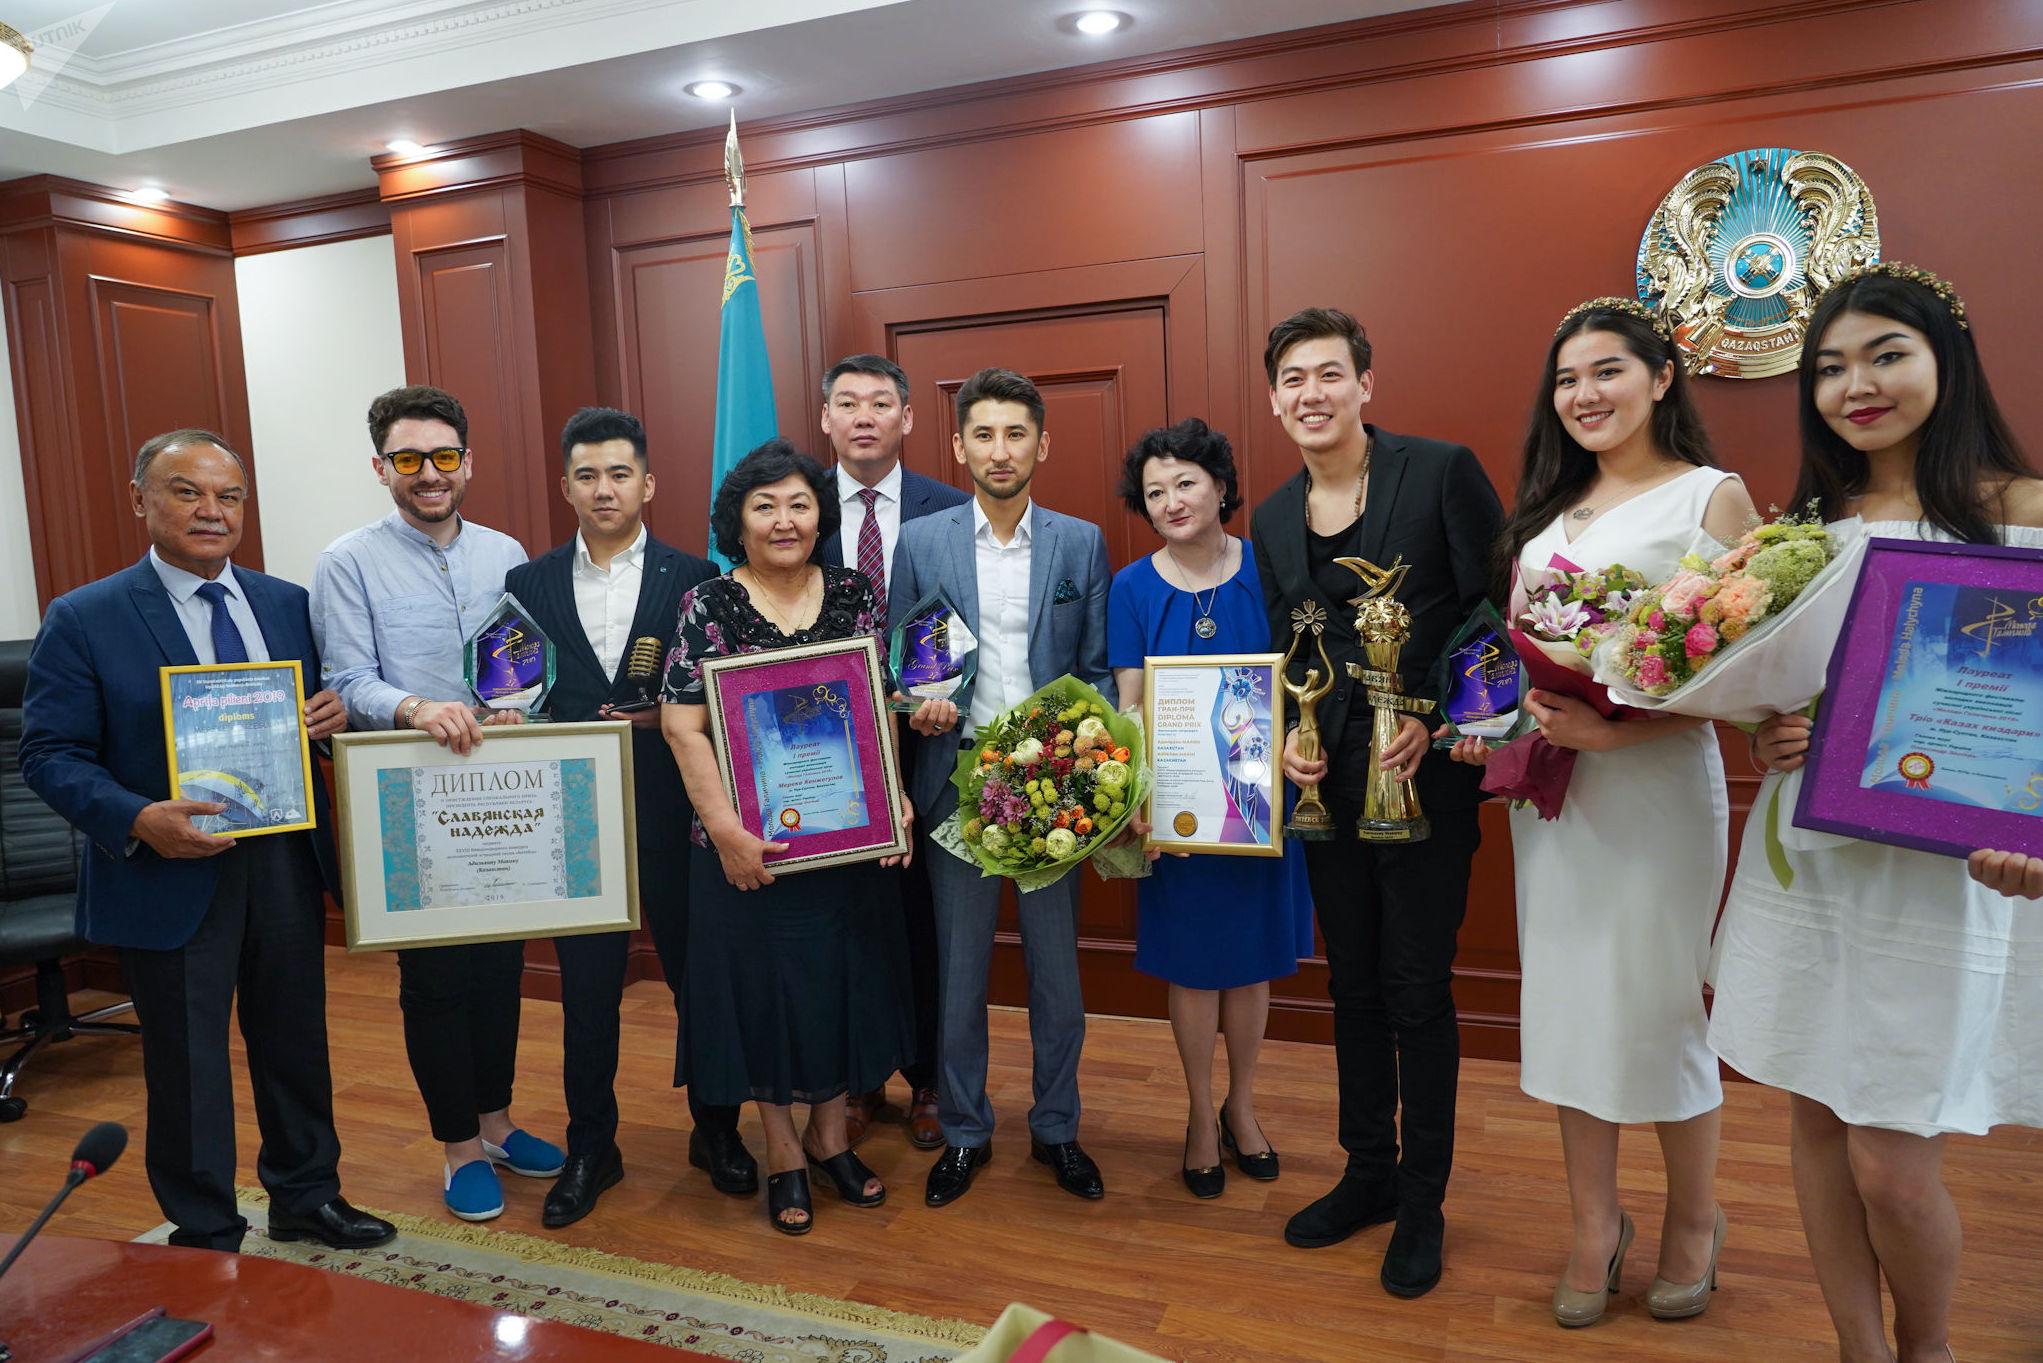 Адильхан Макин посвятил свою победу на Славянском базаре народу Казахстана